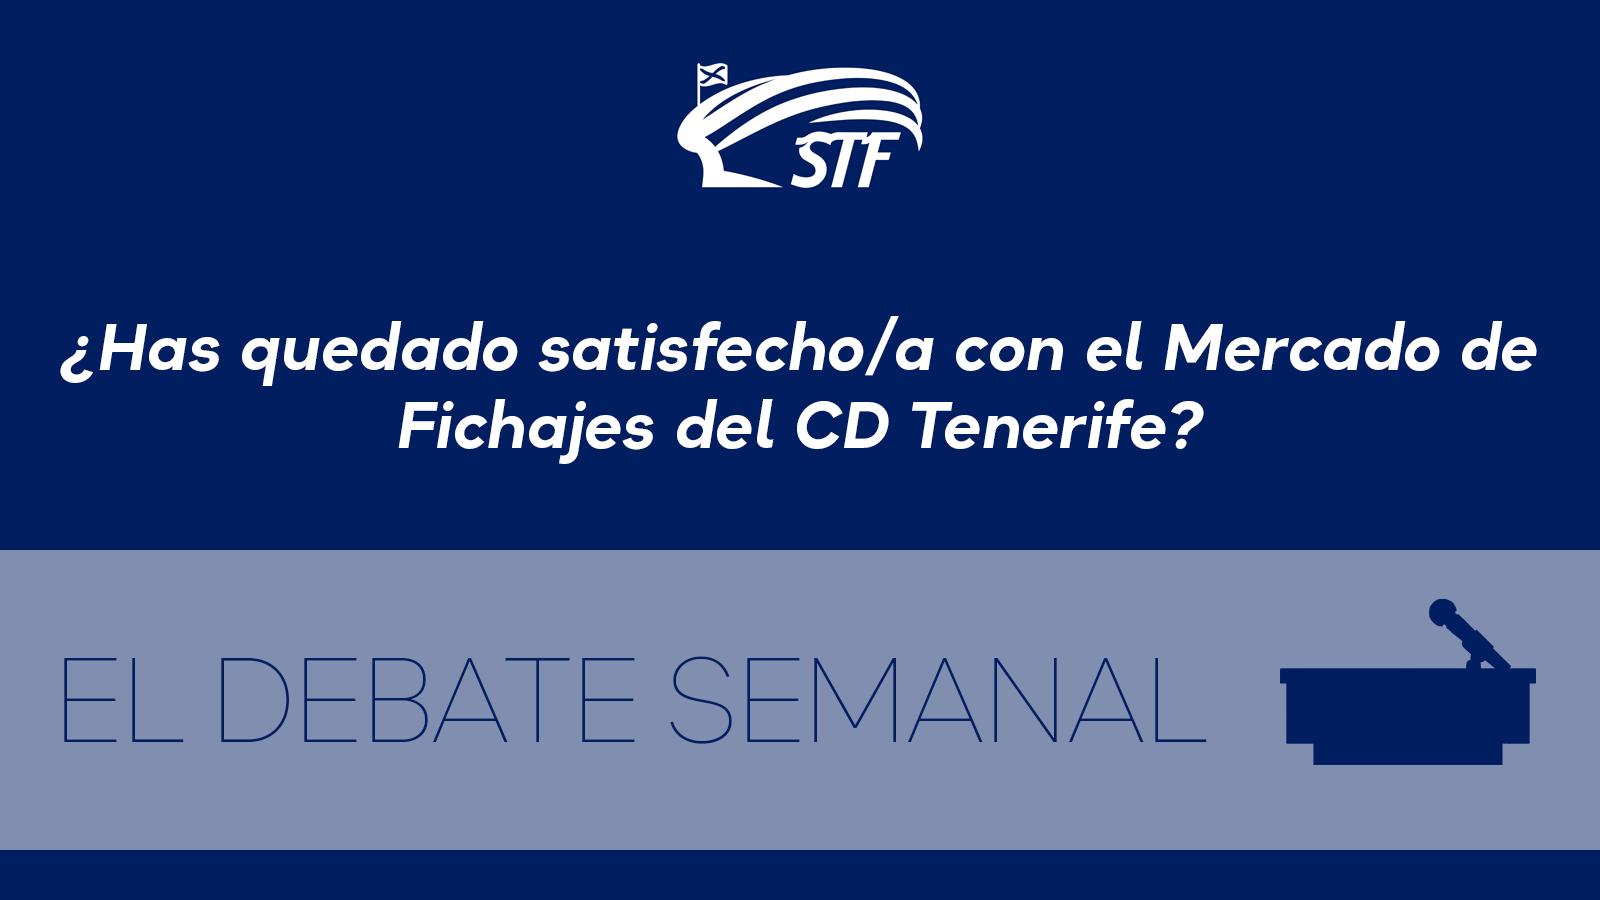 El Debate Semanal: ¿Has quedado satisfecho/a con el Mercado de Fichajes del CD Tenerife? El 91,6% dice sí